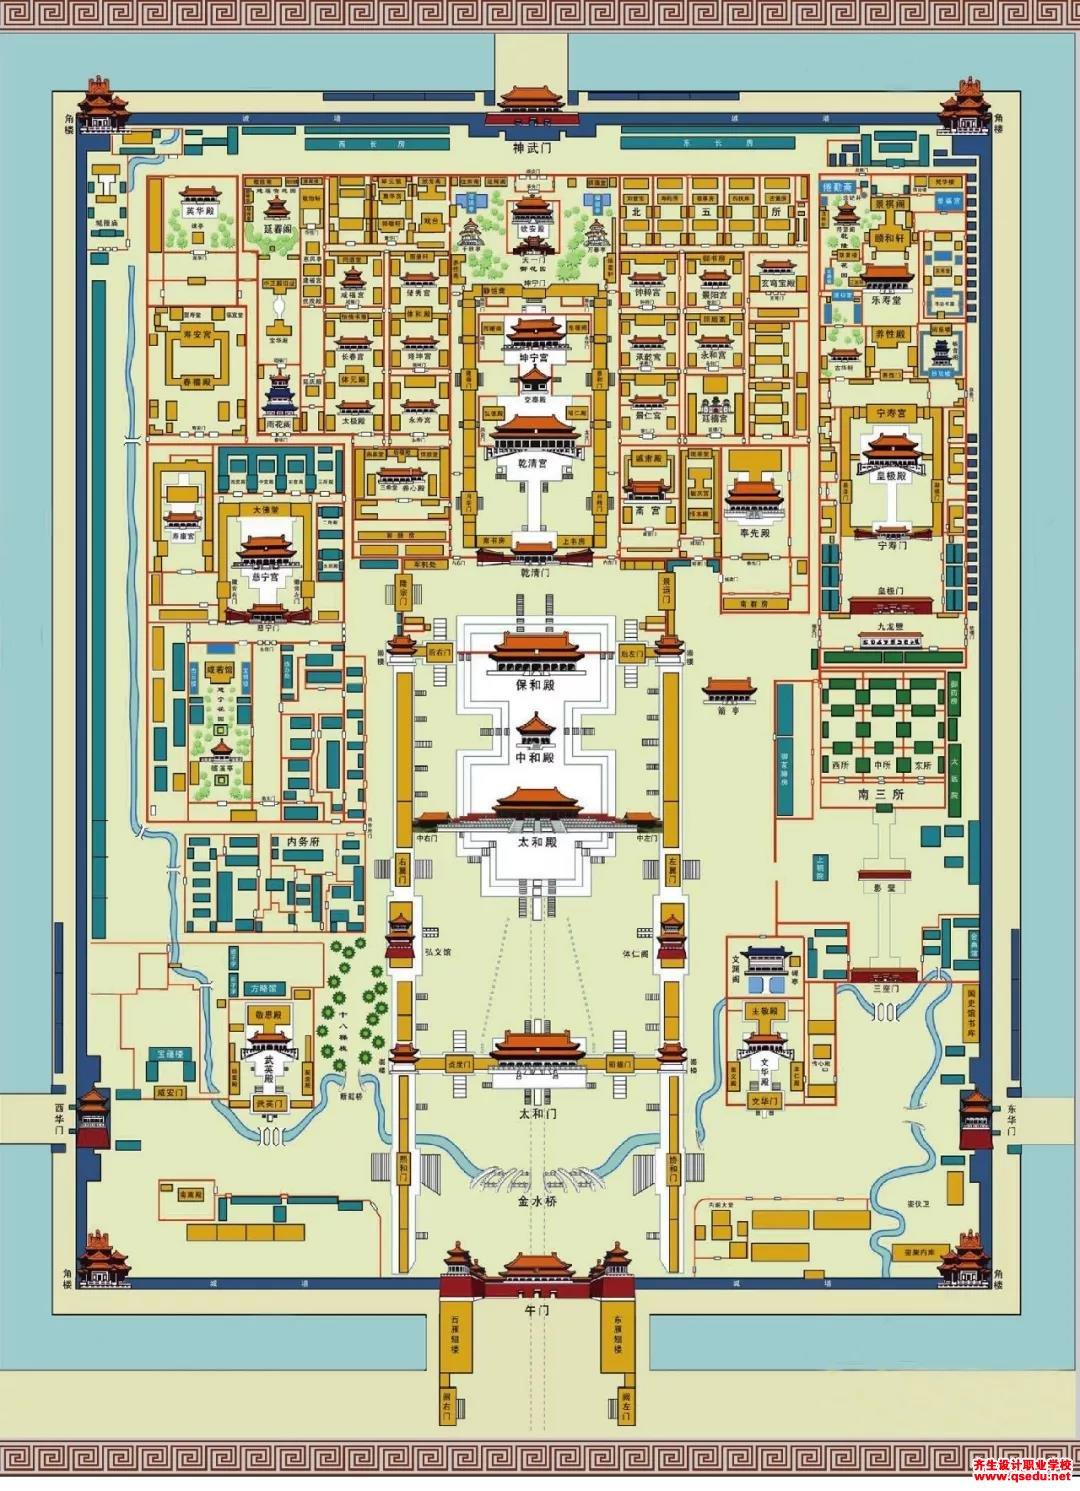 北方皇家园林平面图(故宫,圆明园,颐和园,承德避暑山庄等)